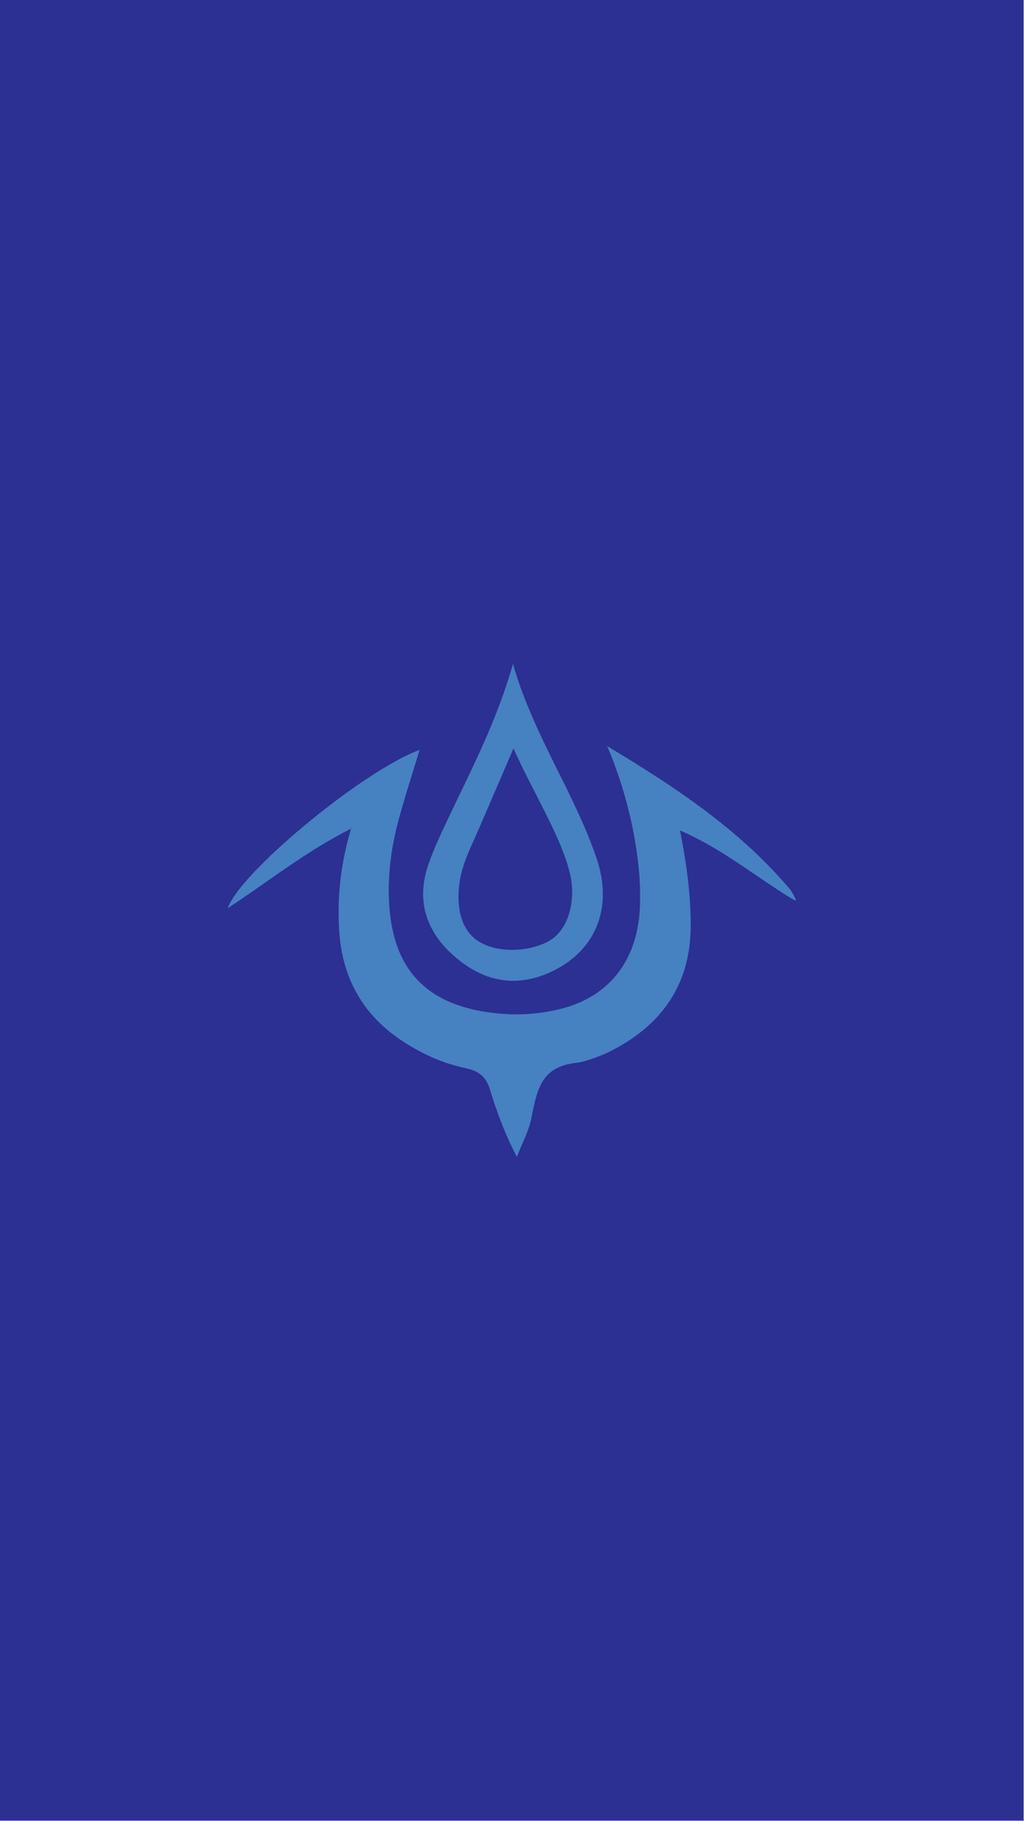 Fire Emblem Awakening Iphone Wallpaper